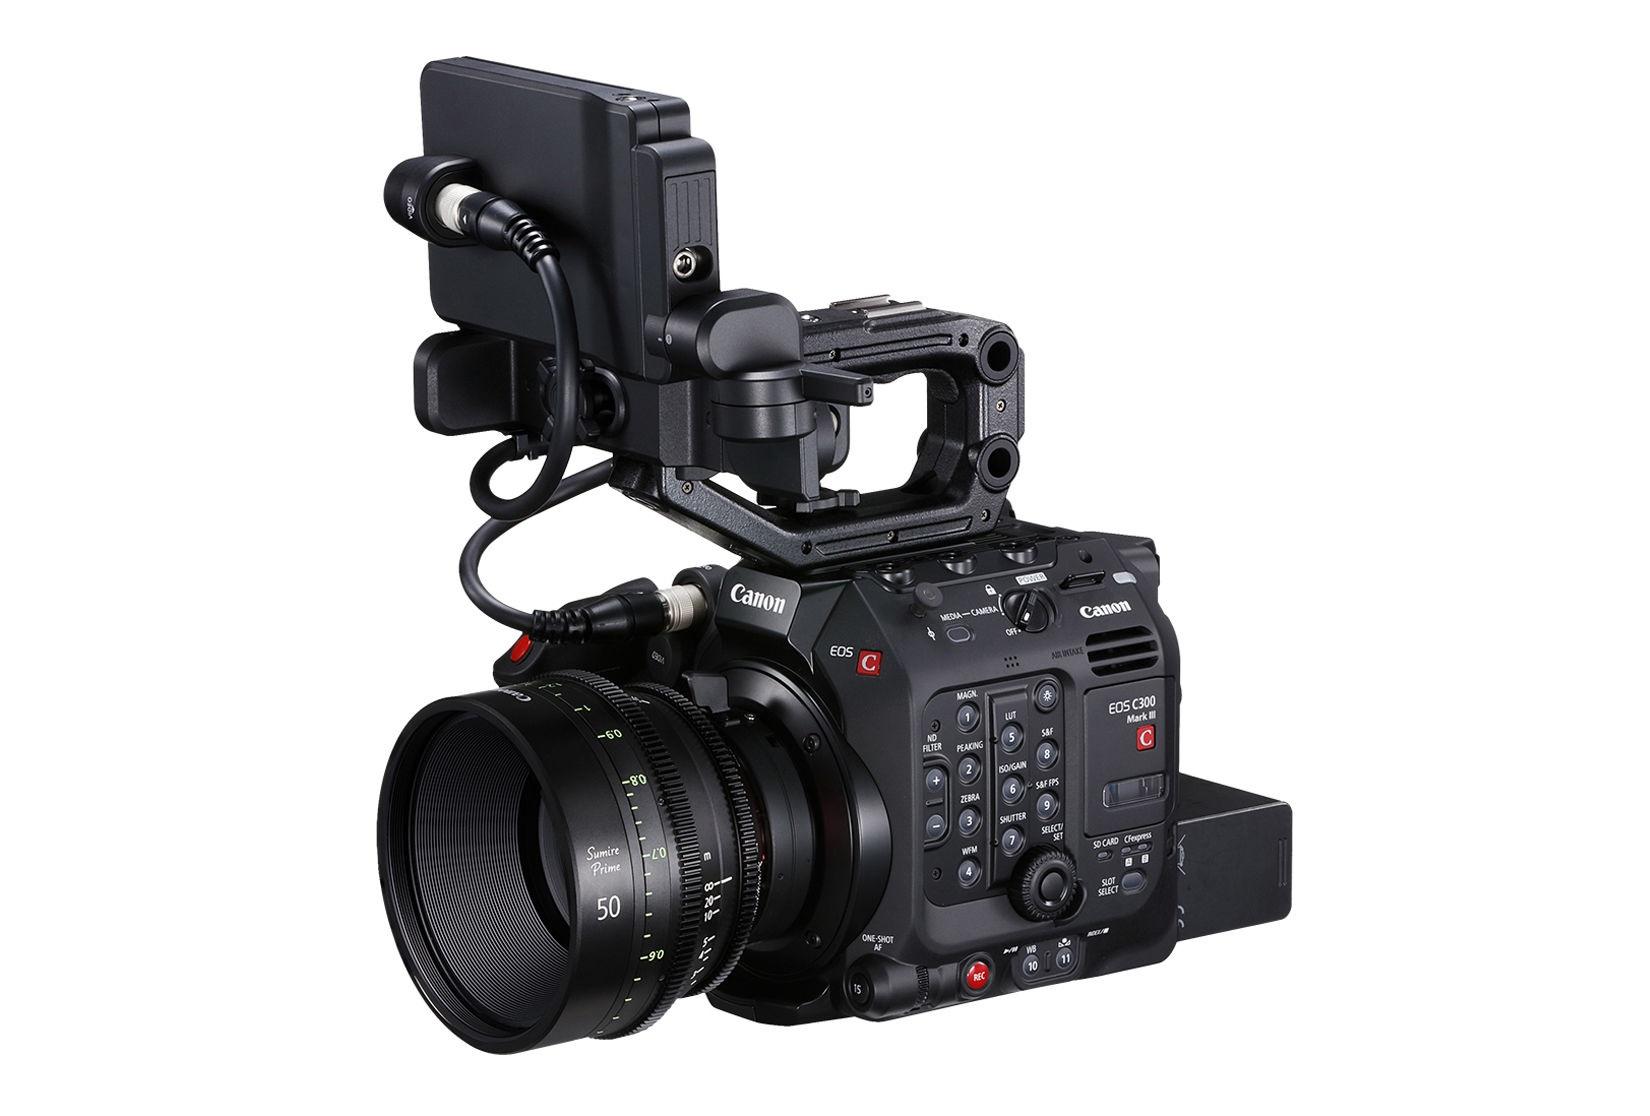 Canon ra mắt EOS C300 Mark III Cinema: máy quay chuyên nghiệp 4K 120p Super 35mm, dynamic range 16 stop, giá 285 triệu đồng